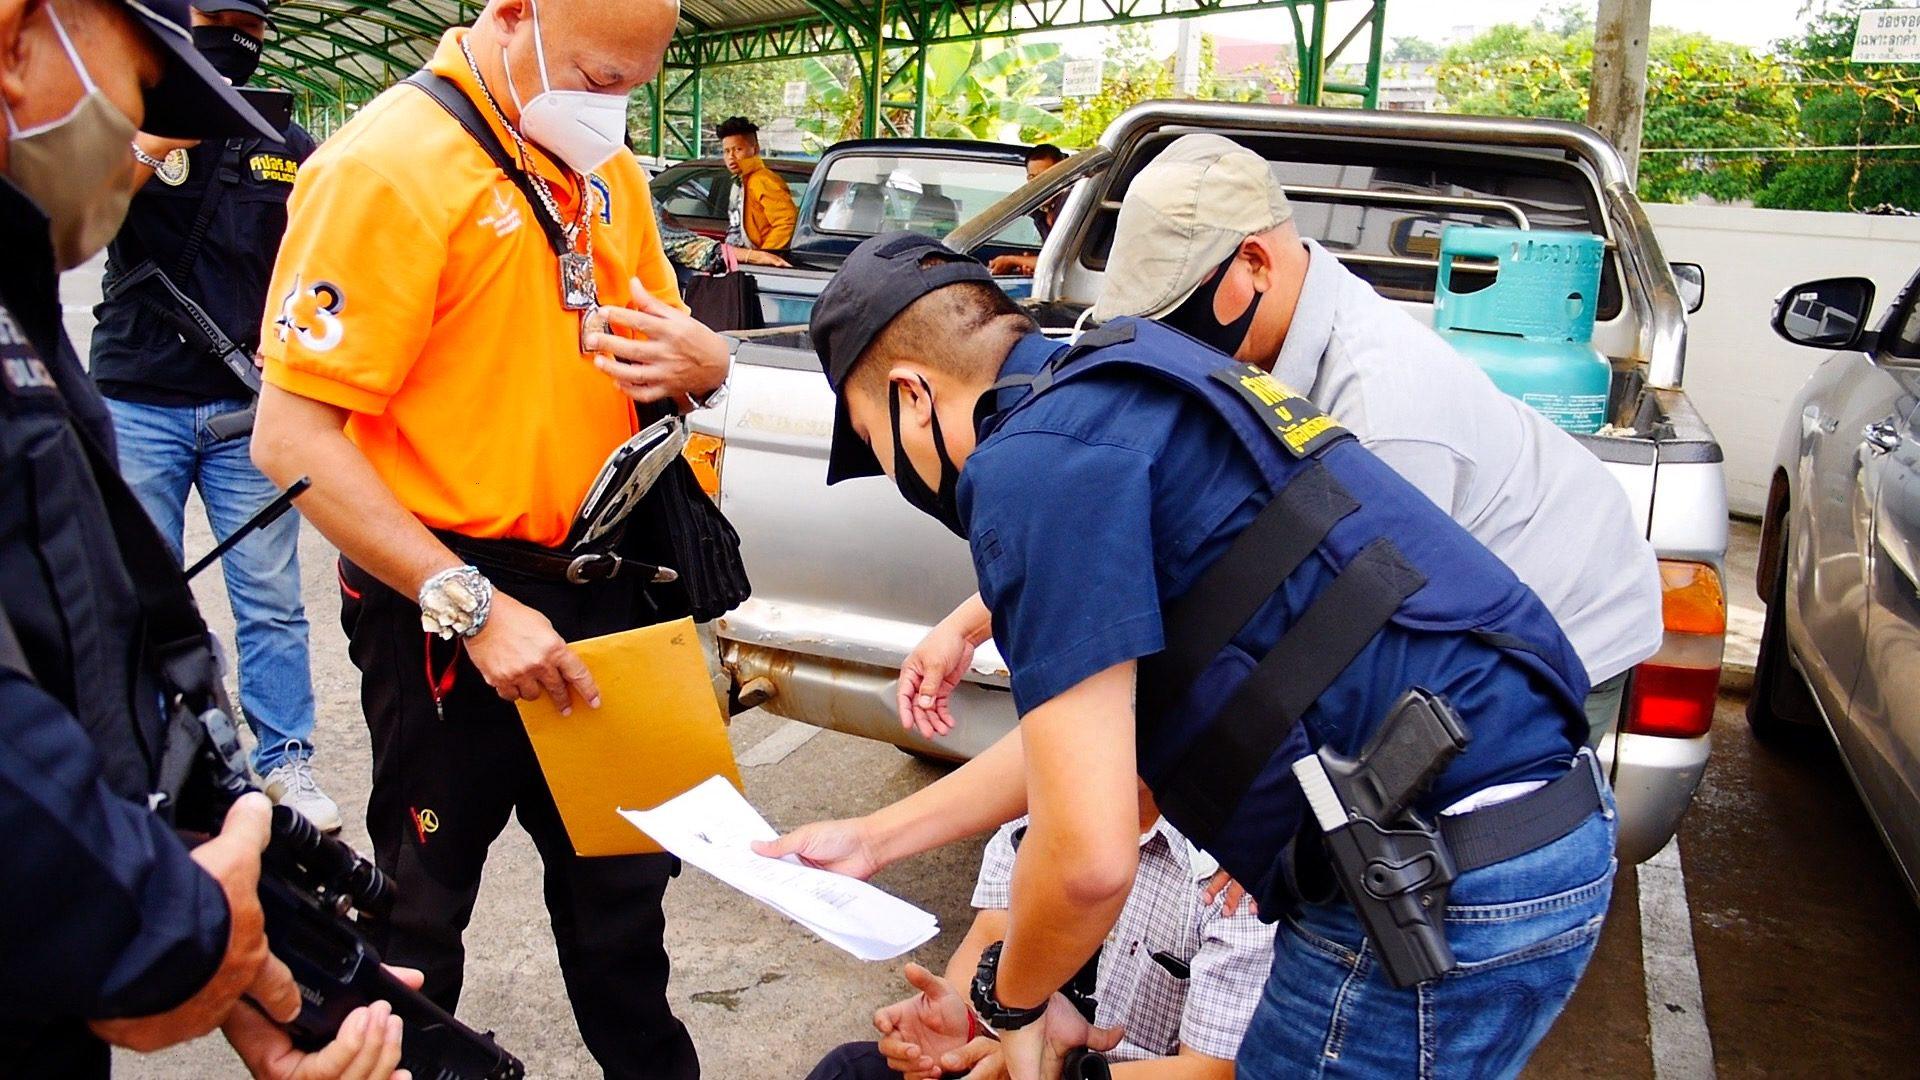 หนีคดียิงคนตาย 4 ปี ถูกตำรวจทางหลวงจับคาธนาคาร